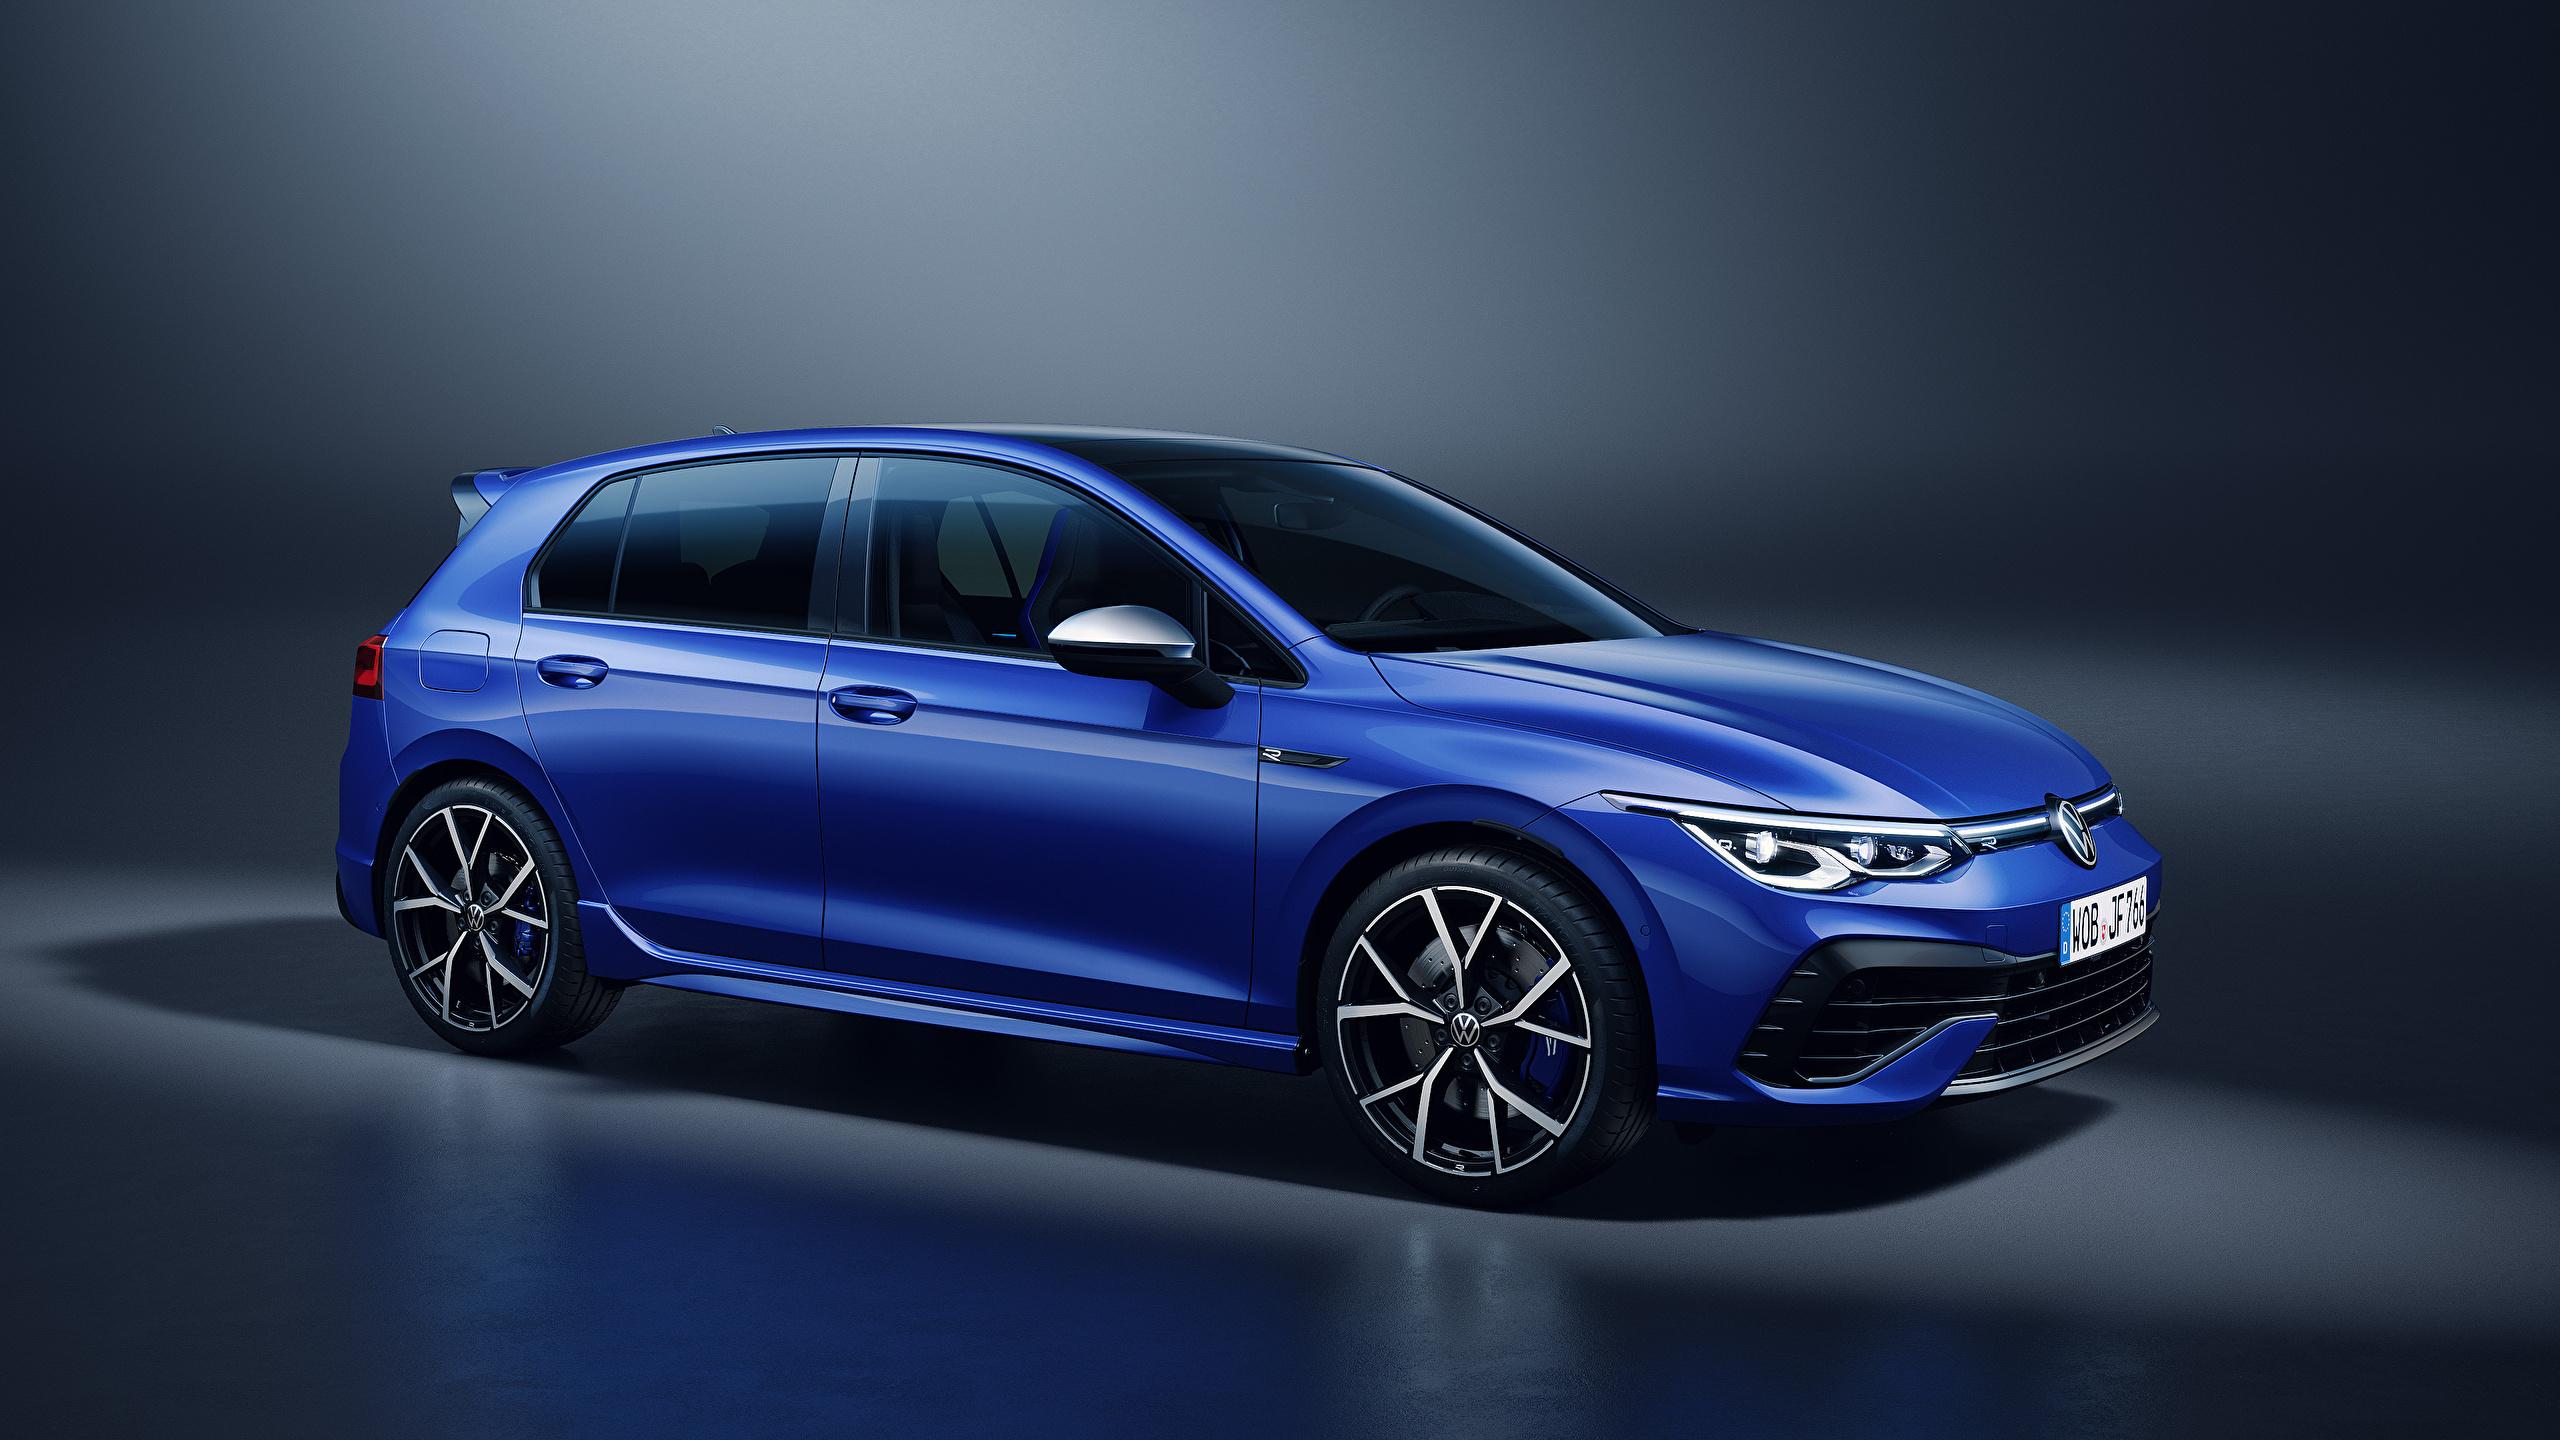 Bilder Volkswagen Golf R, 2020 Blau auto Metallisch 2560x1440 Autos automobil